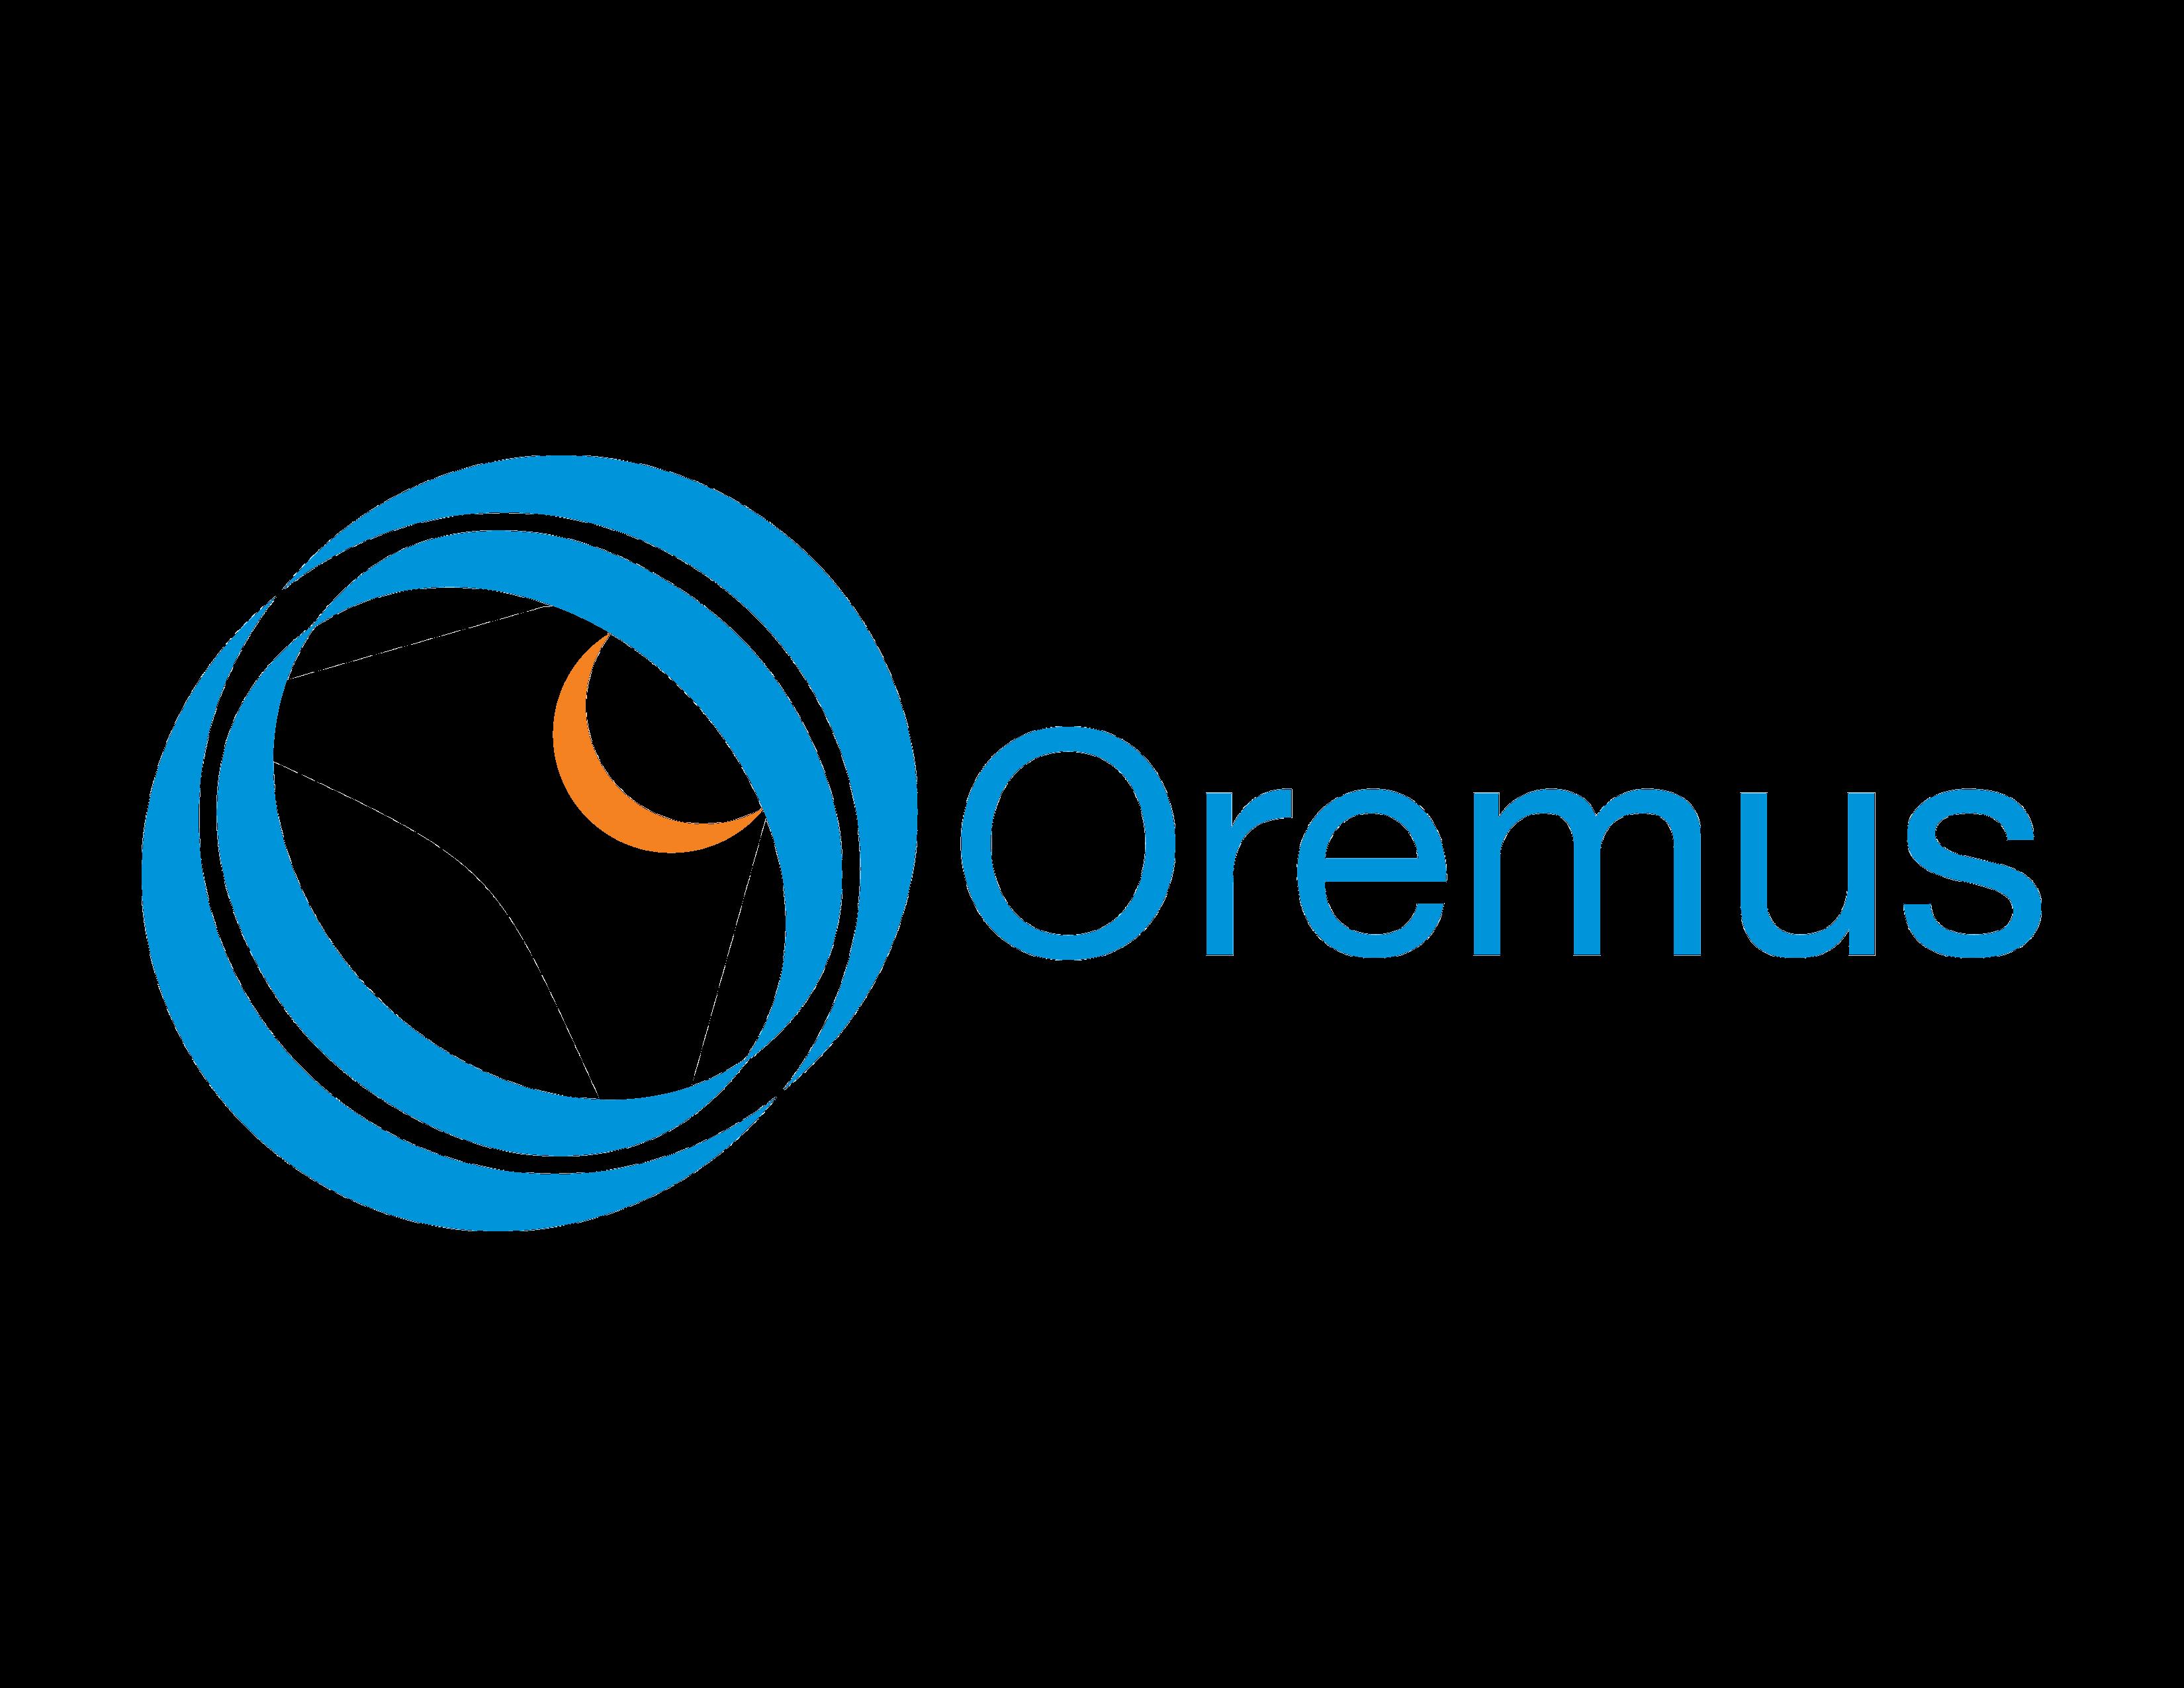 Oremus Corp